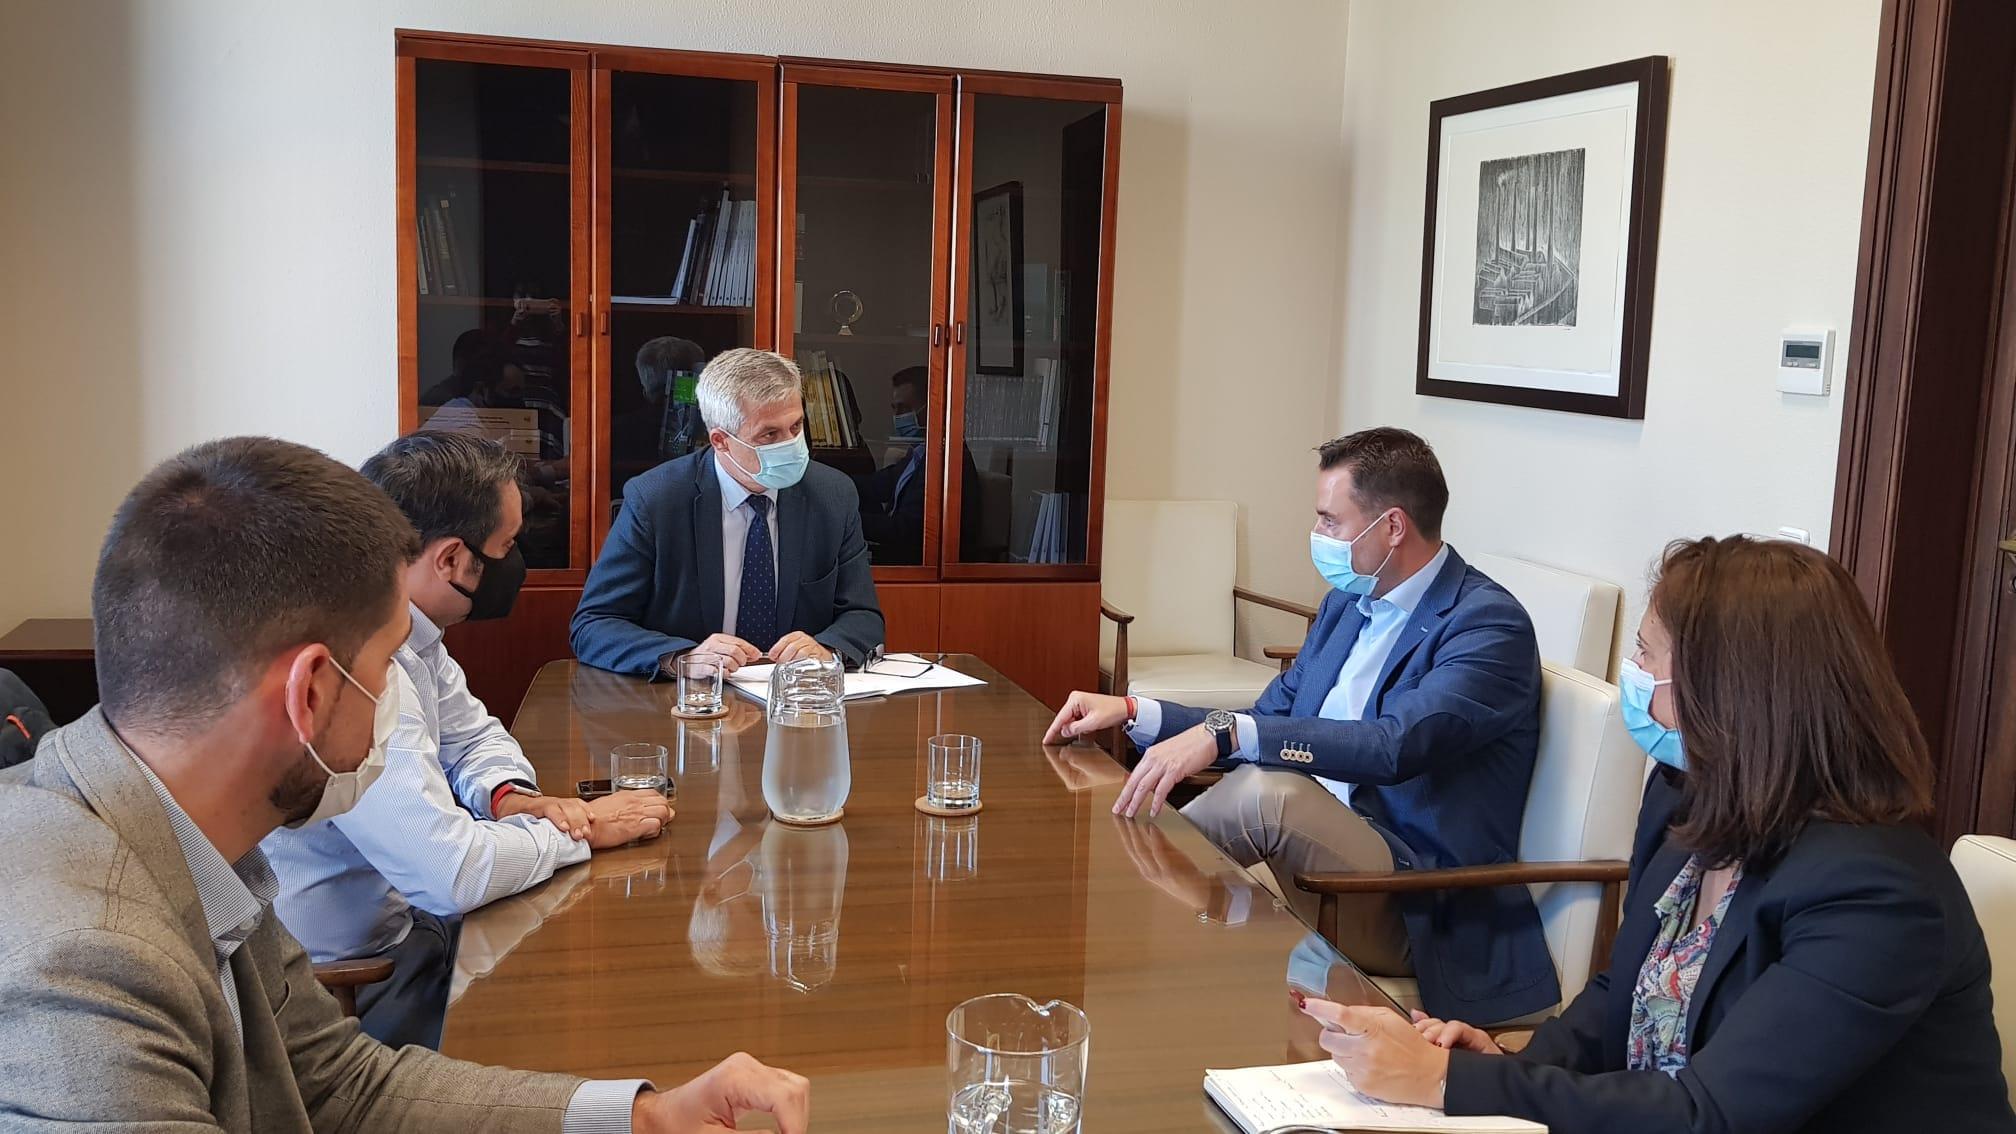 Reunión del alcalde de Burgos, Daniel de la Rosa, con el secretario general de Agenda Urbana y Vivienda. /BC